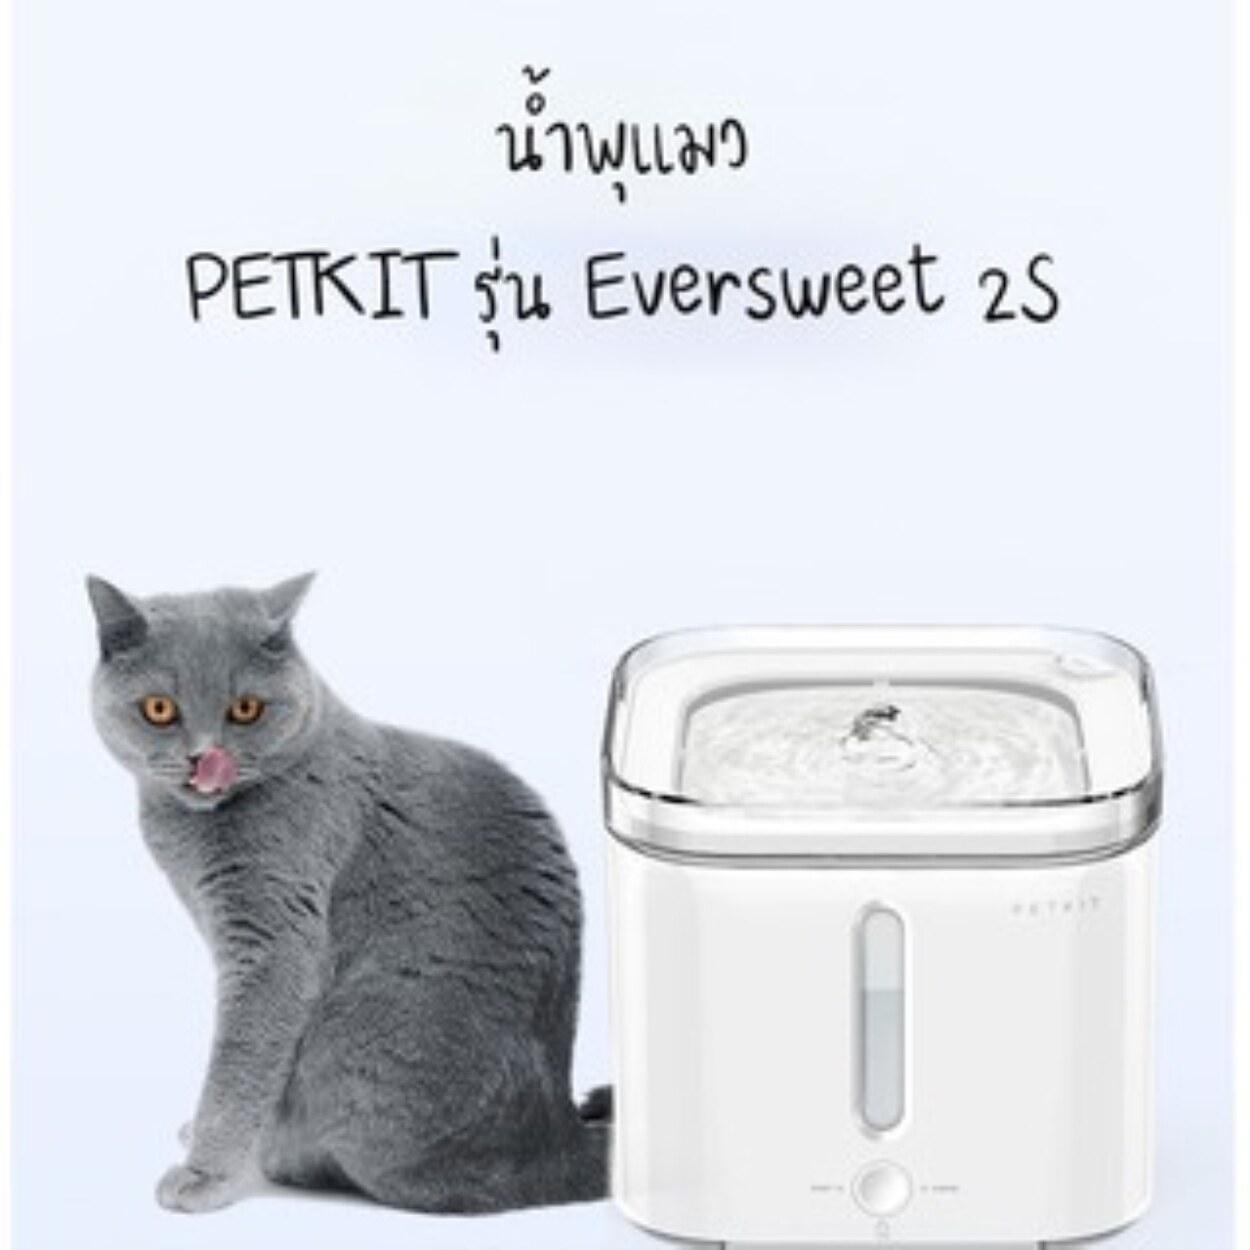 Pet water dispenser *พร้อมส่ง*Petkitน้ำพุแมวน้ำพุหมา น้ำพุสัตว์เลี้ยง อุปกรณ์ สัตว์เลี้ยง PETKIT EVERSWEET2S ใหม่ล่าสุด(รับประกัน 1 ปี)